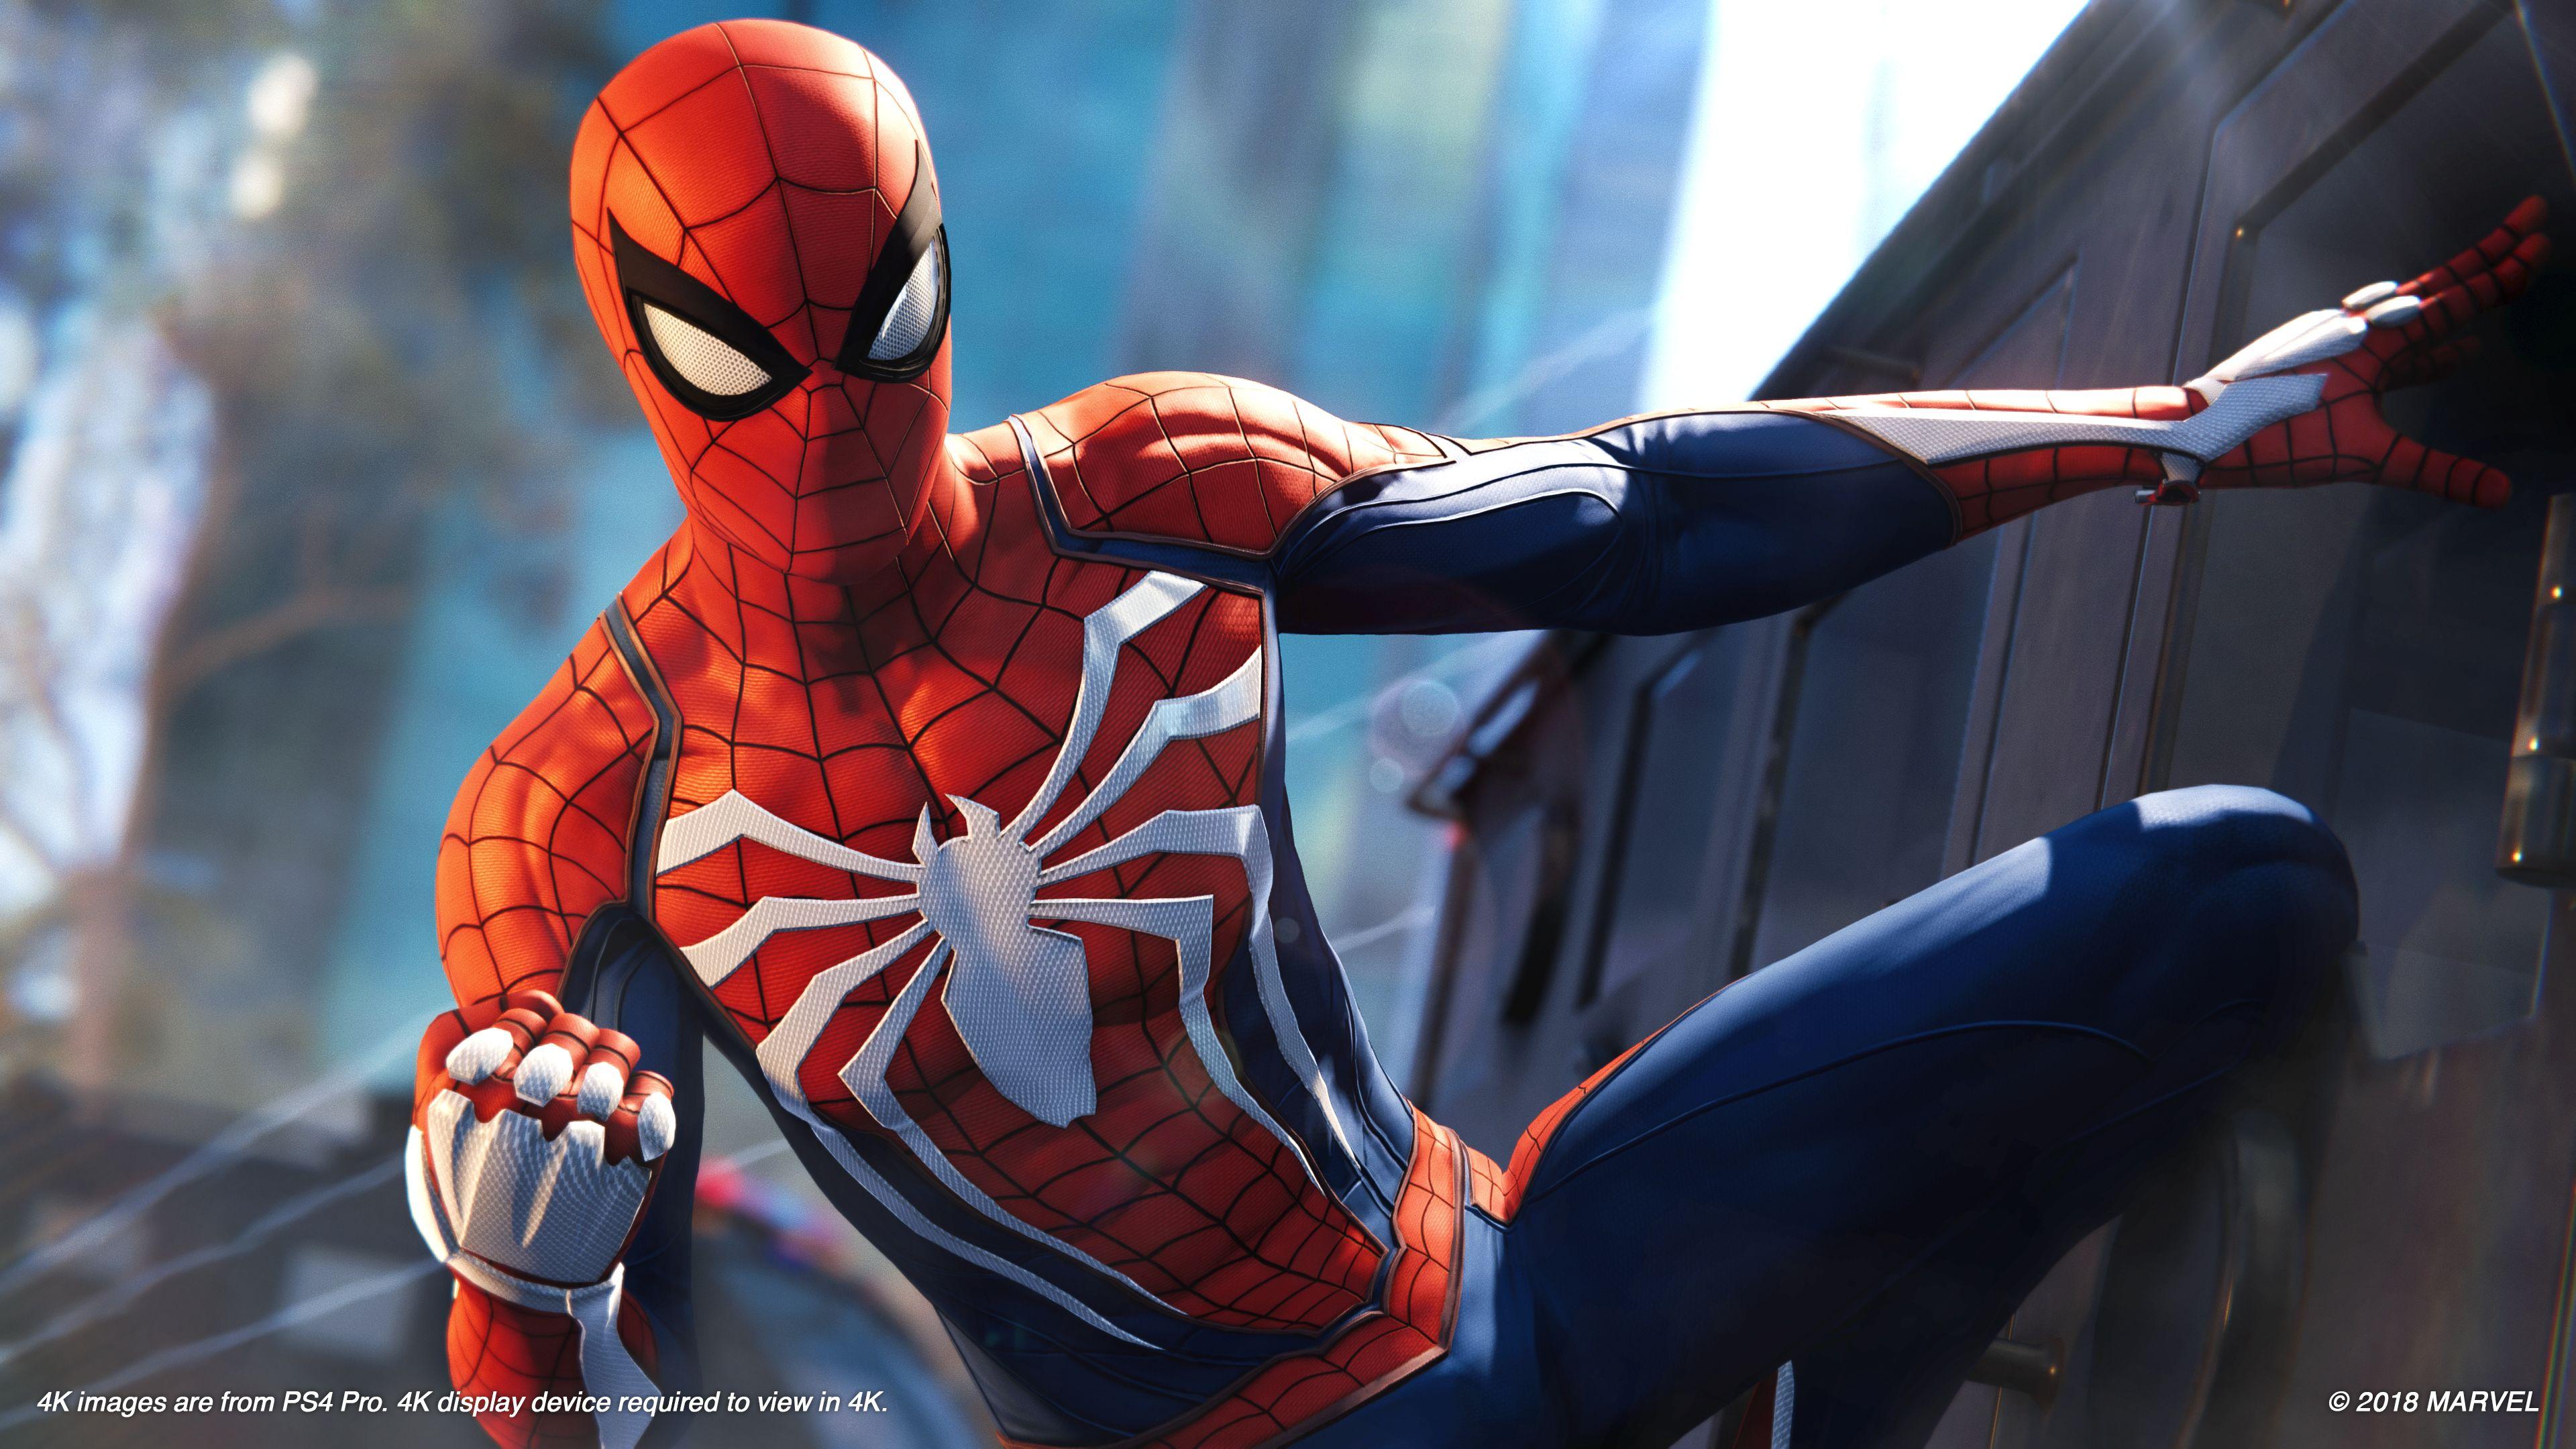 تصاویر و توضیحات جدیدی از شخصیتهای منفی Spider-Man منتشر شد